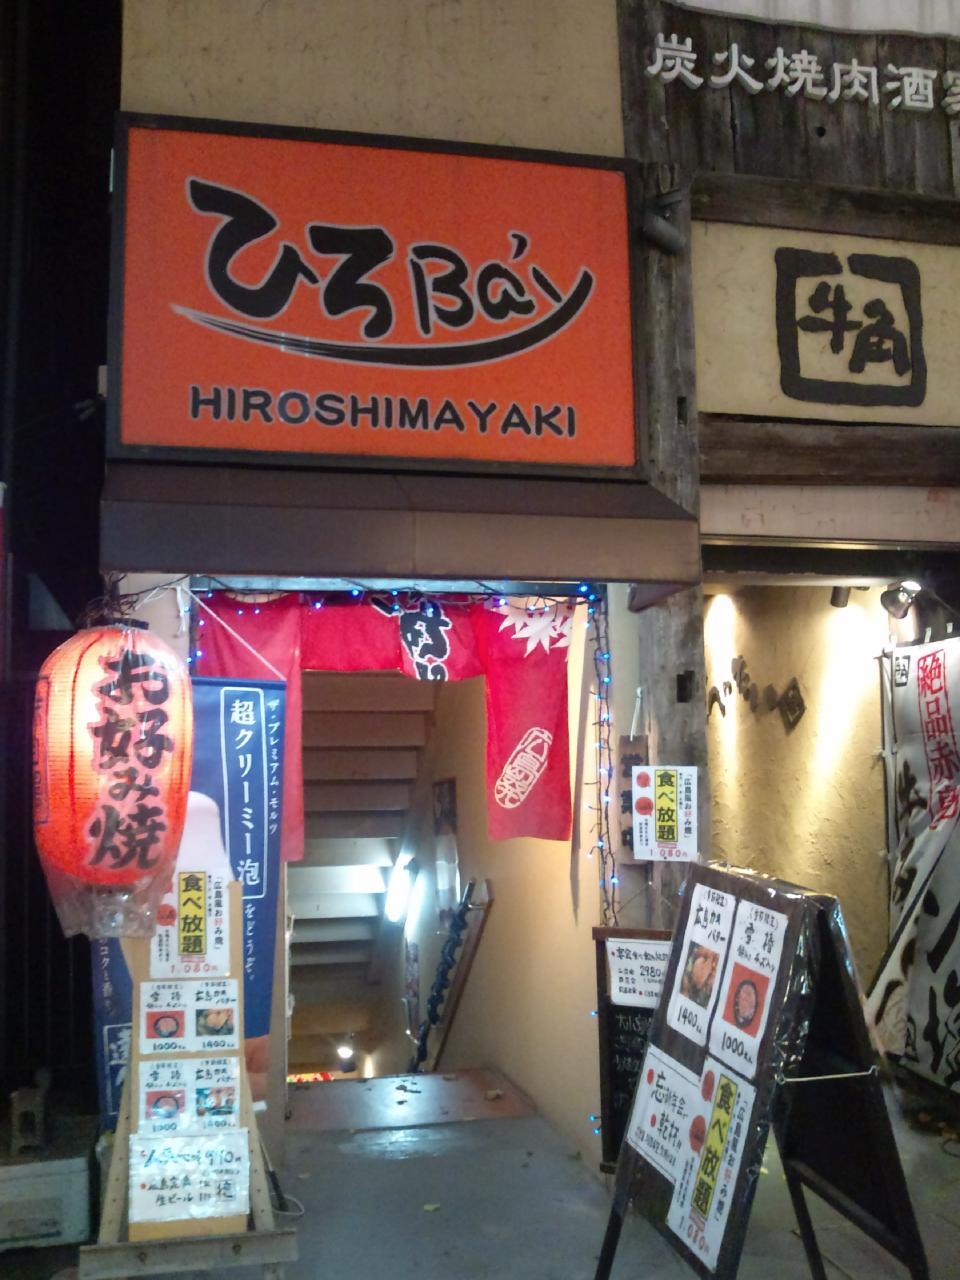 ひろBay(店舗外観)